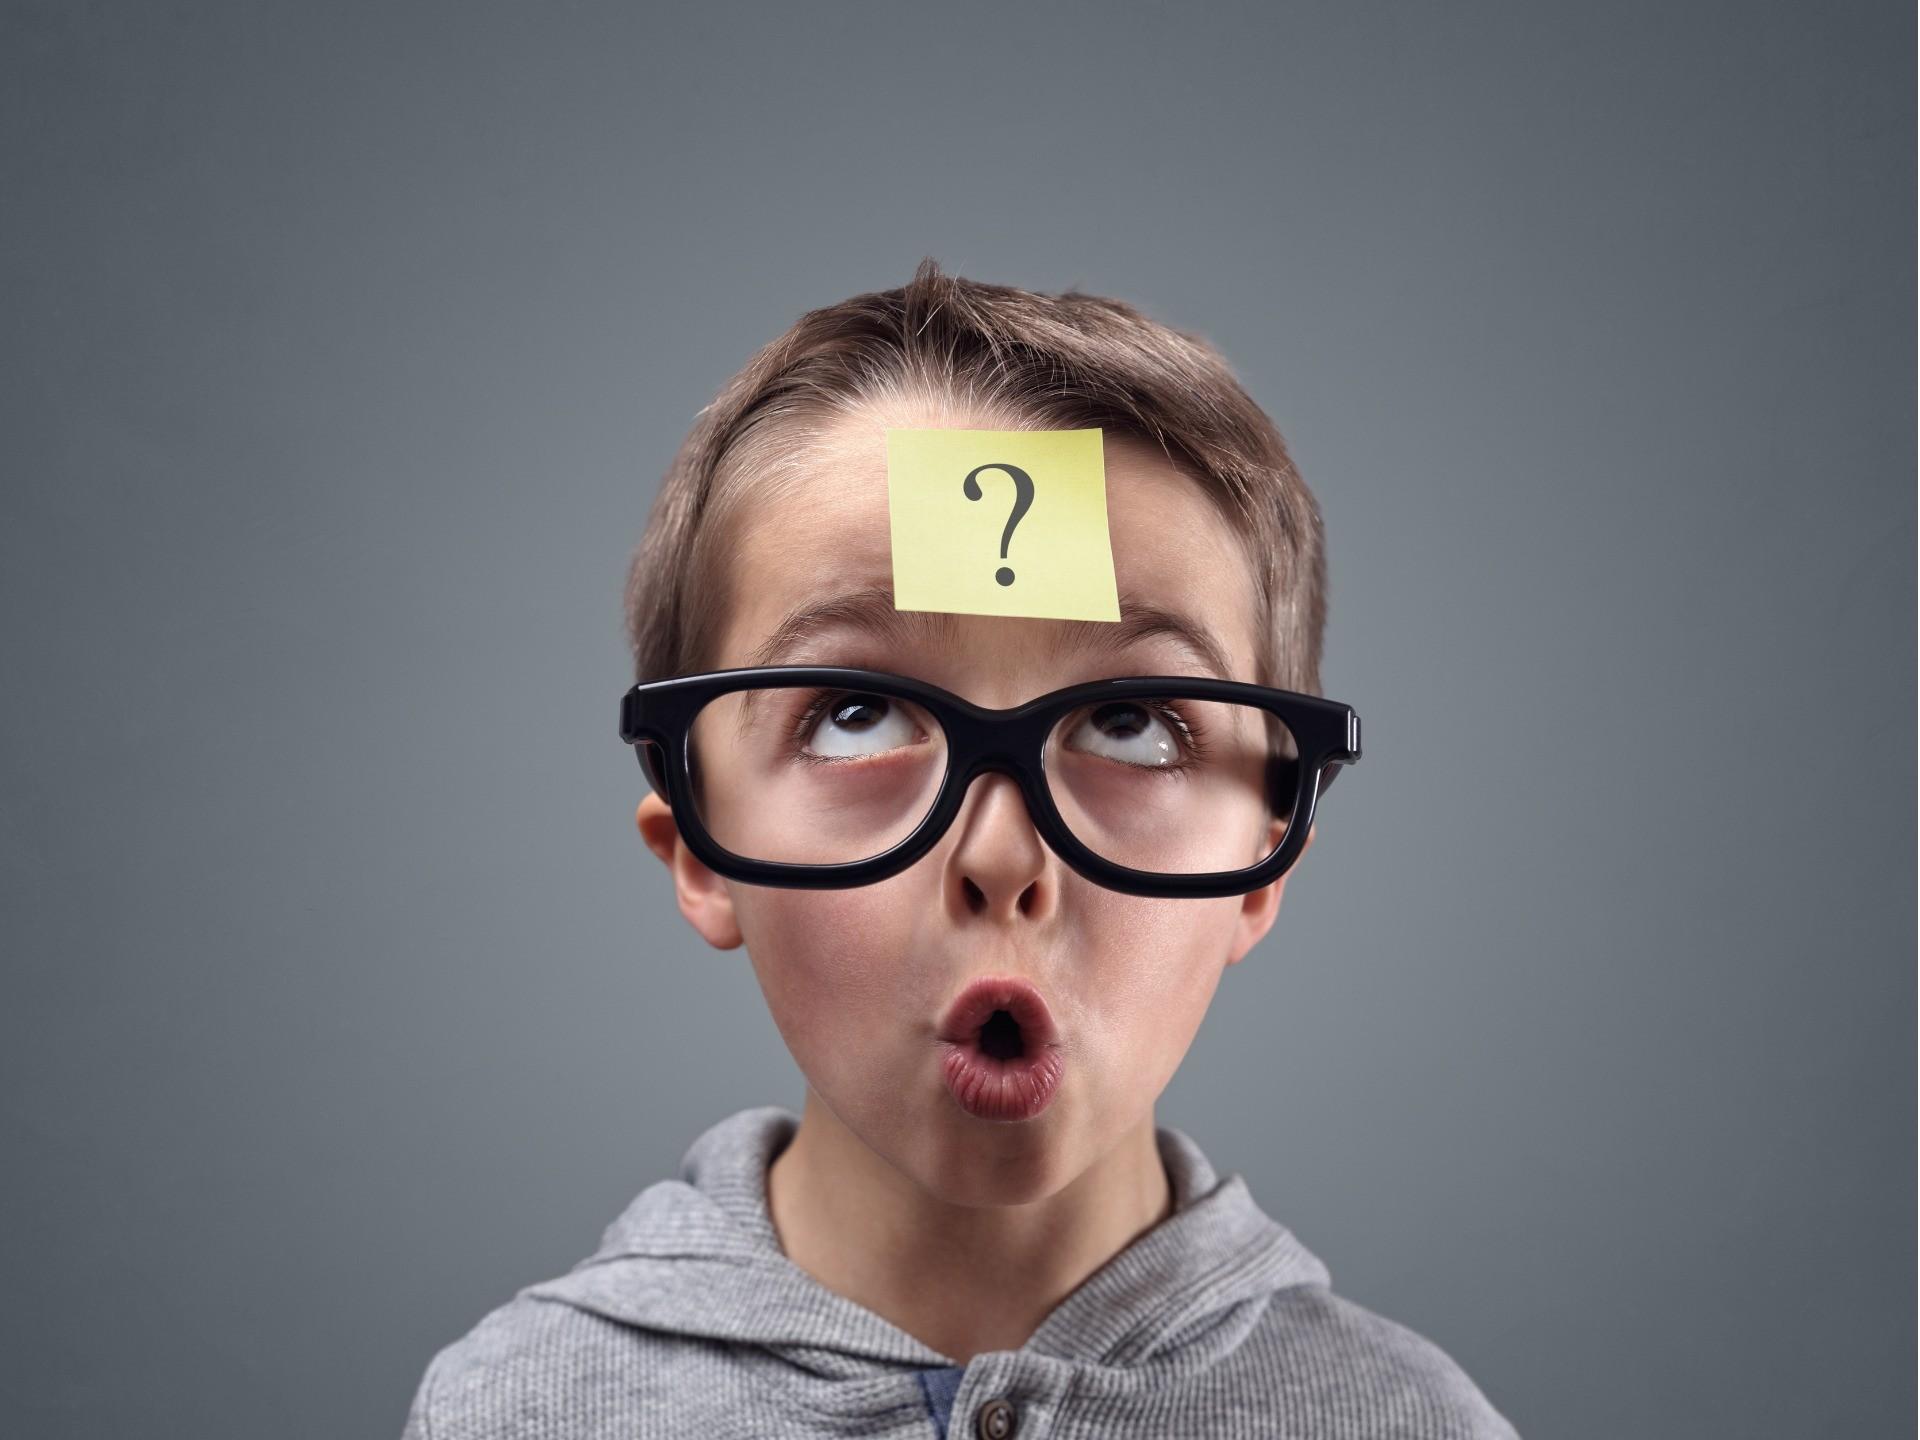 כיצד בוחרים קופת גמל או קרן השתלמות?